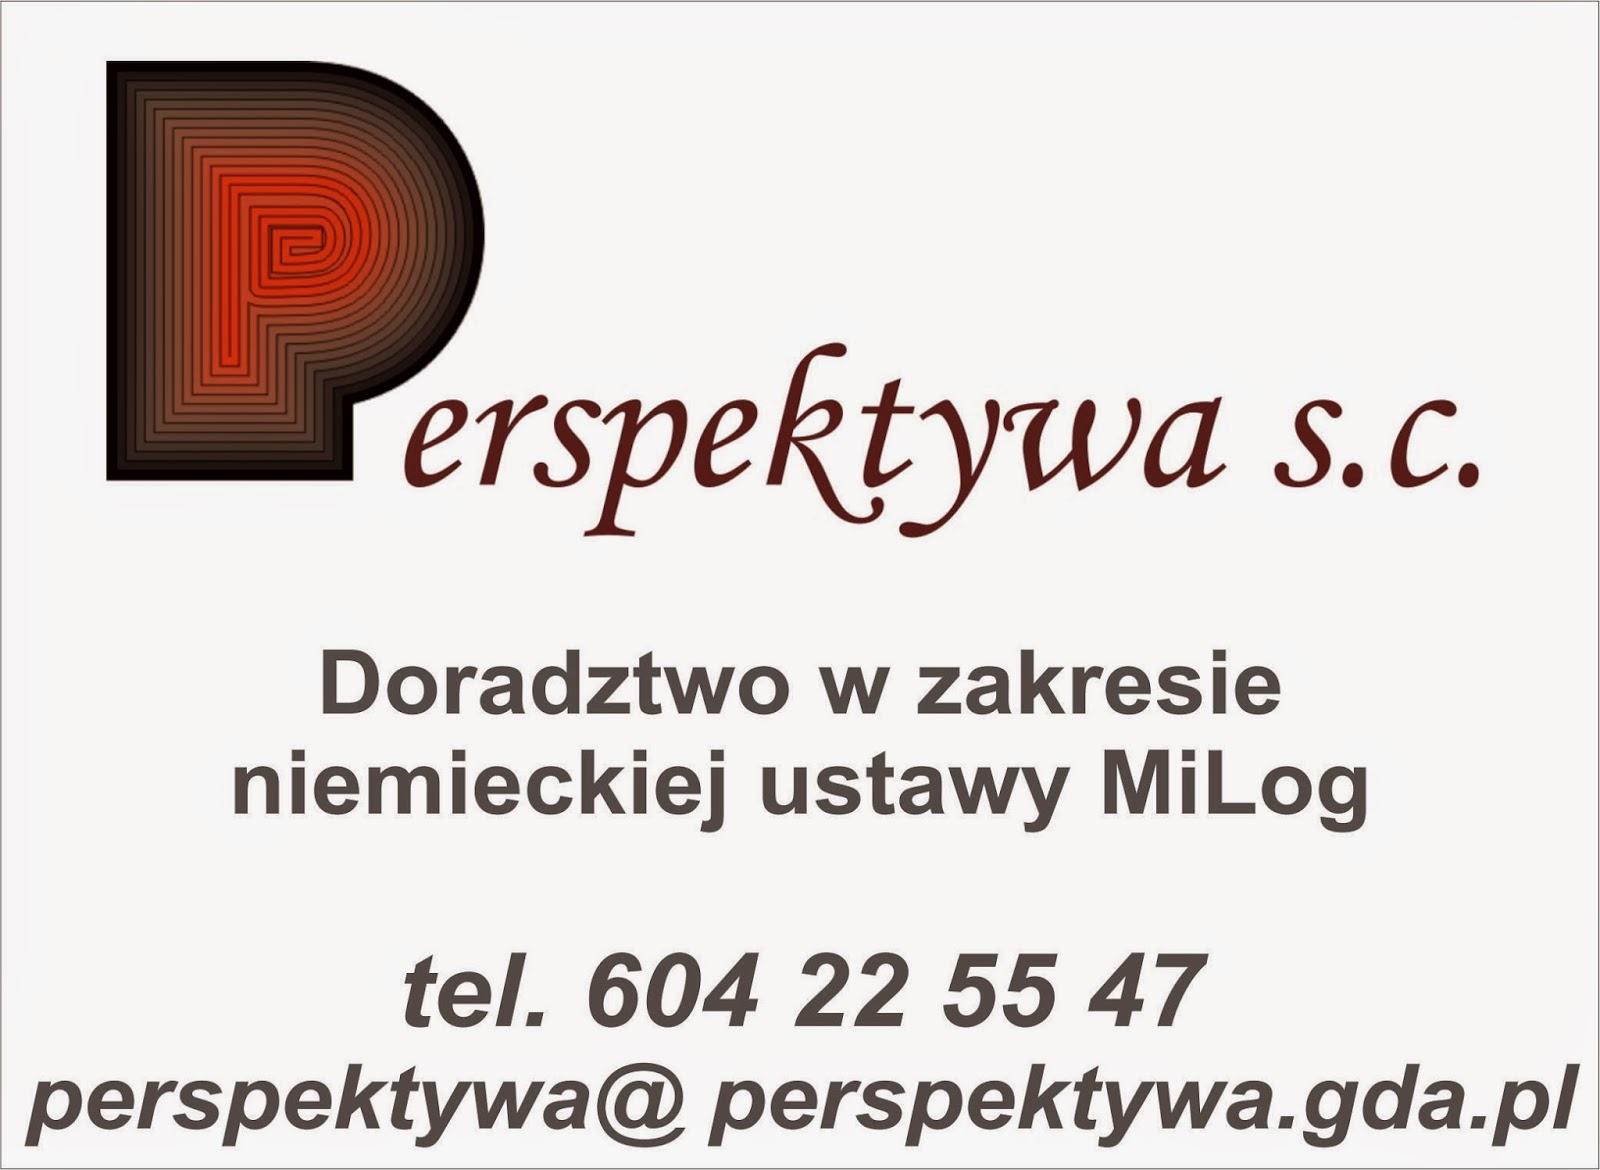 http://www.perspektywa.gda.pl/